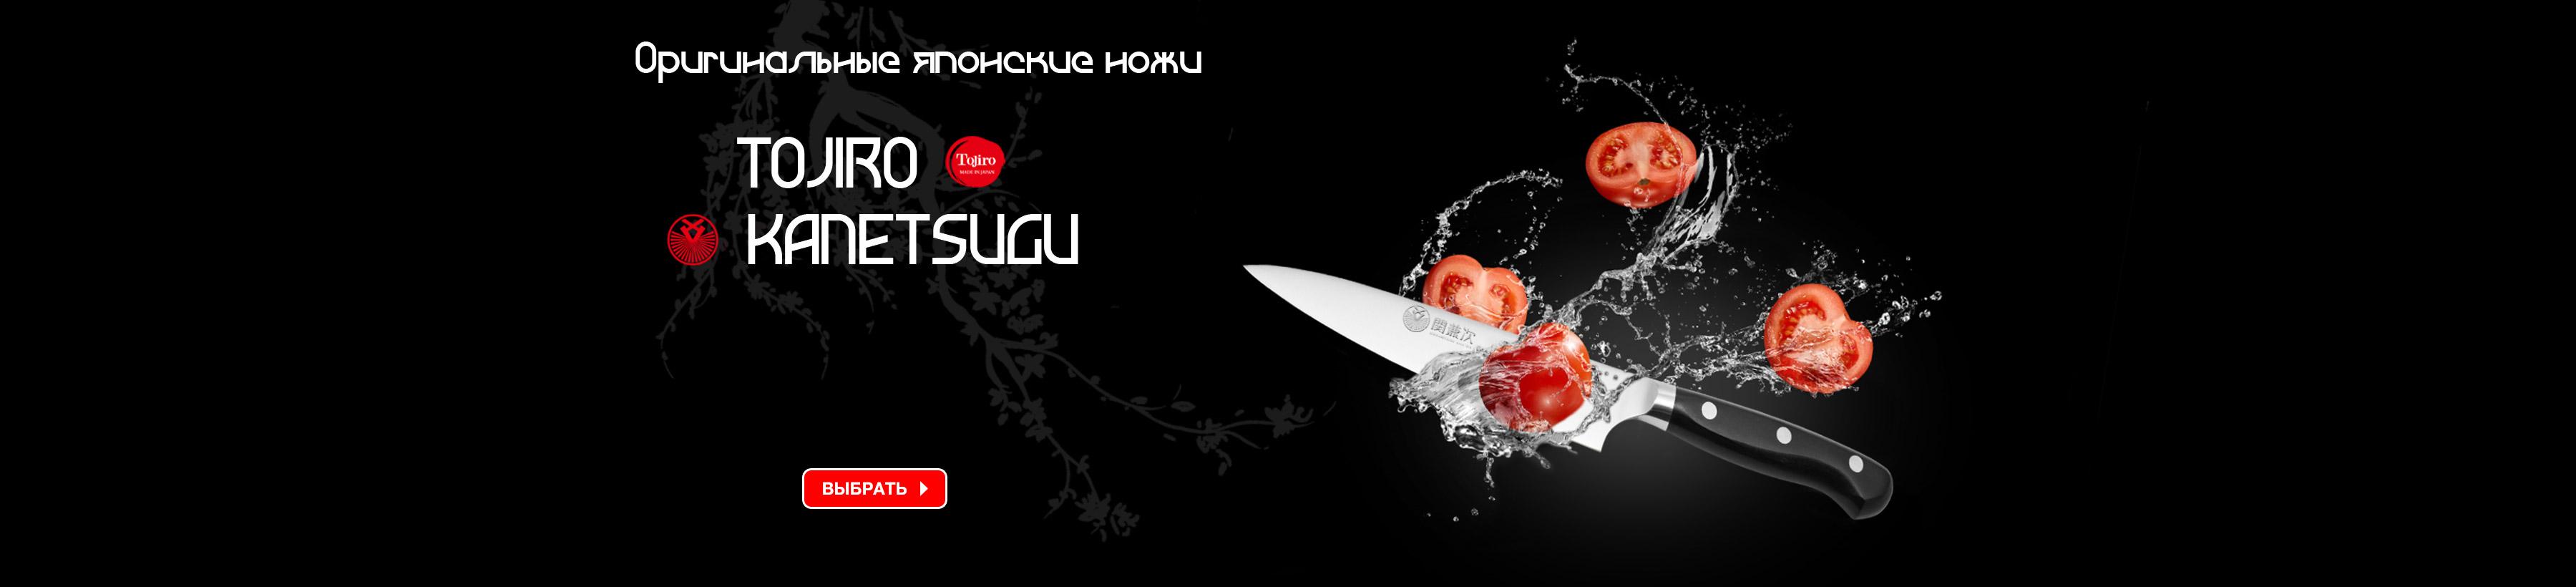 Японские ножи премиум класса TOJIRO и KANETSUGU